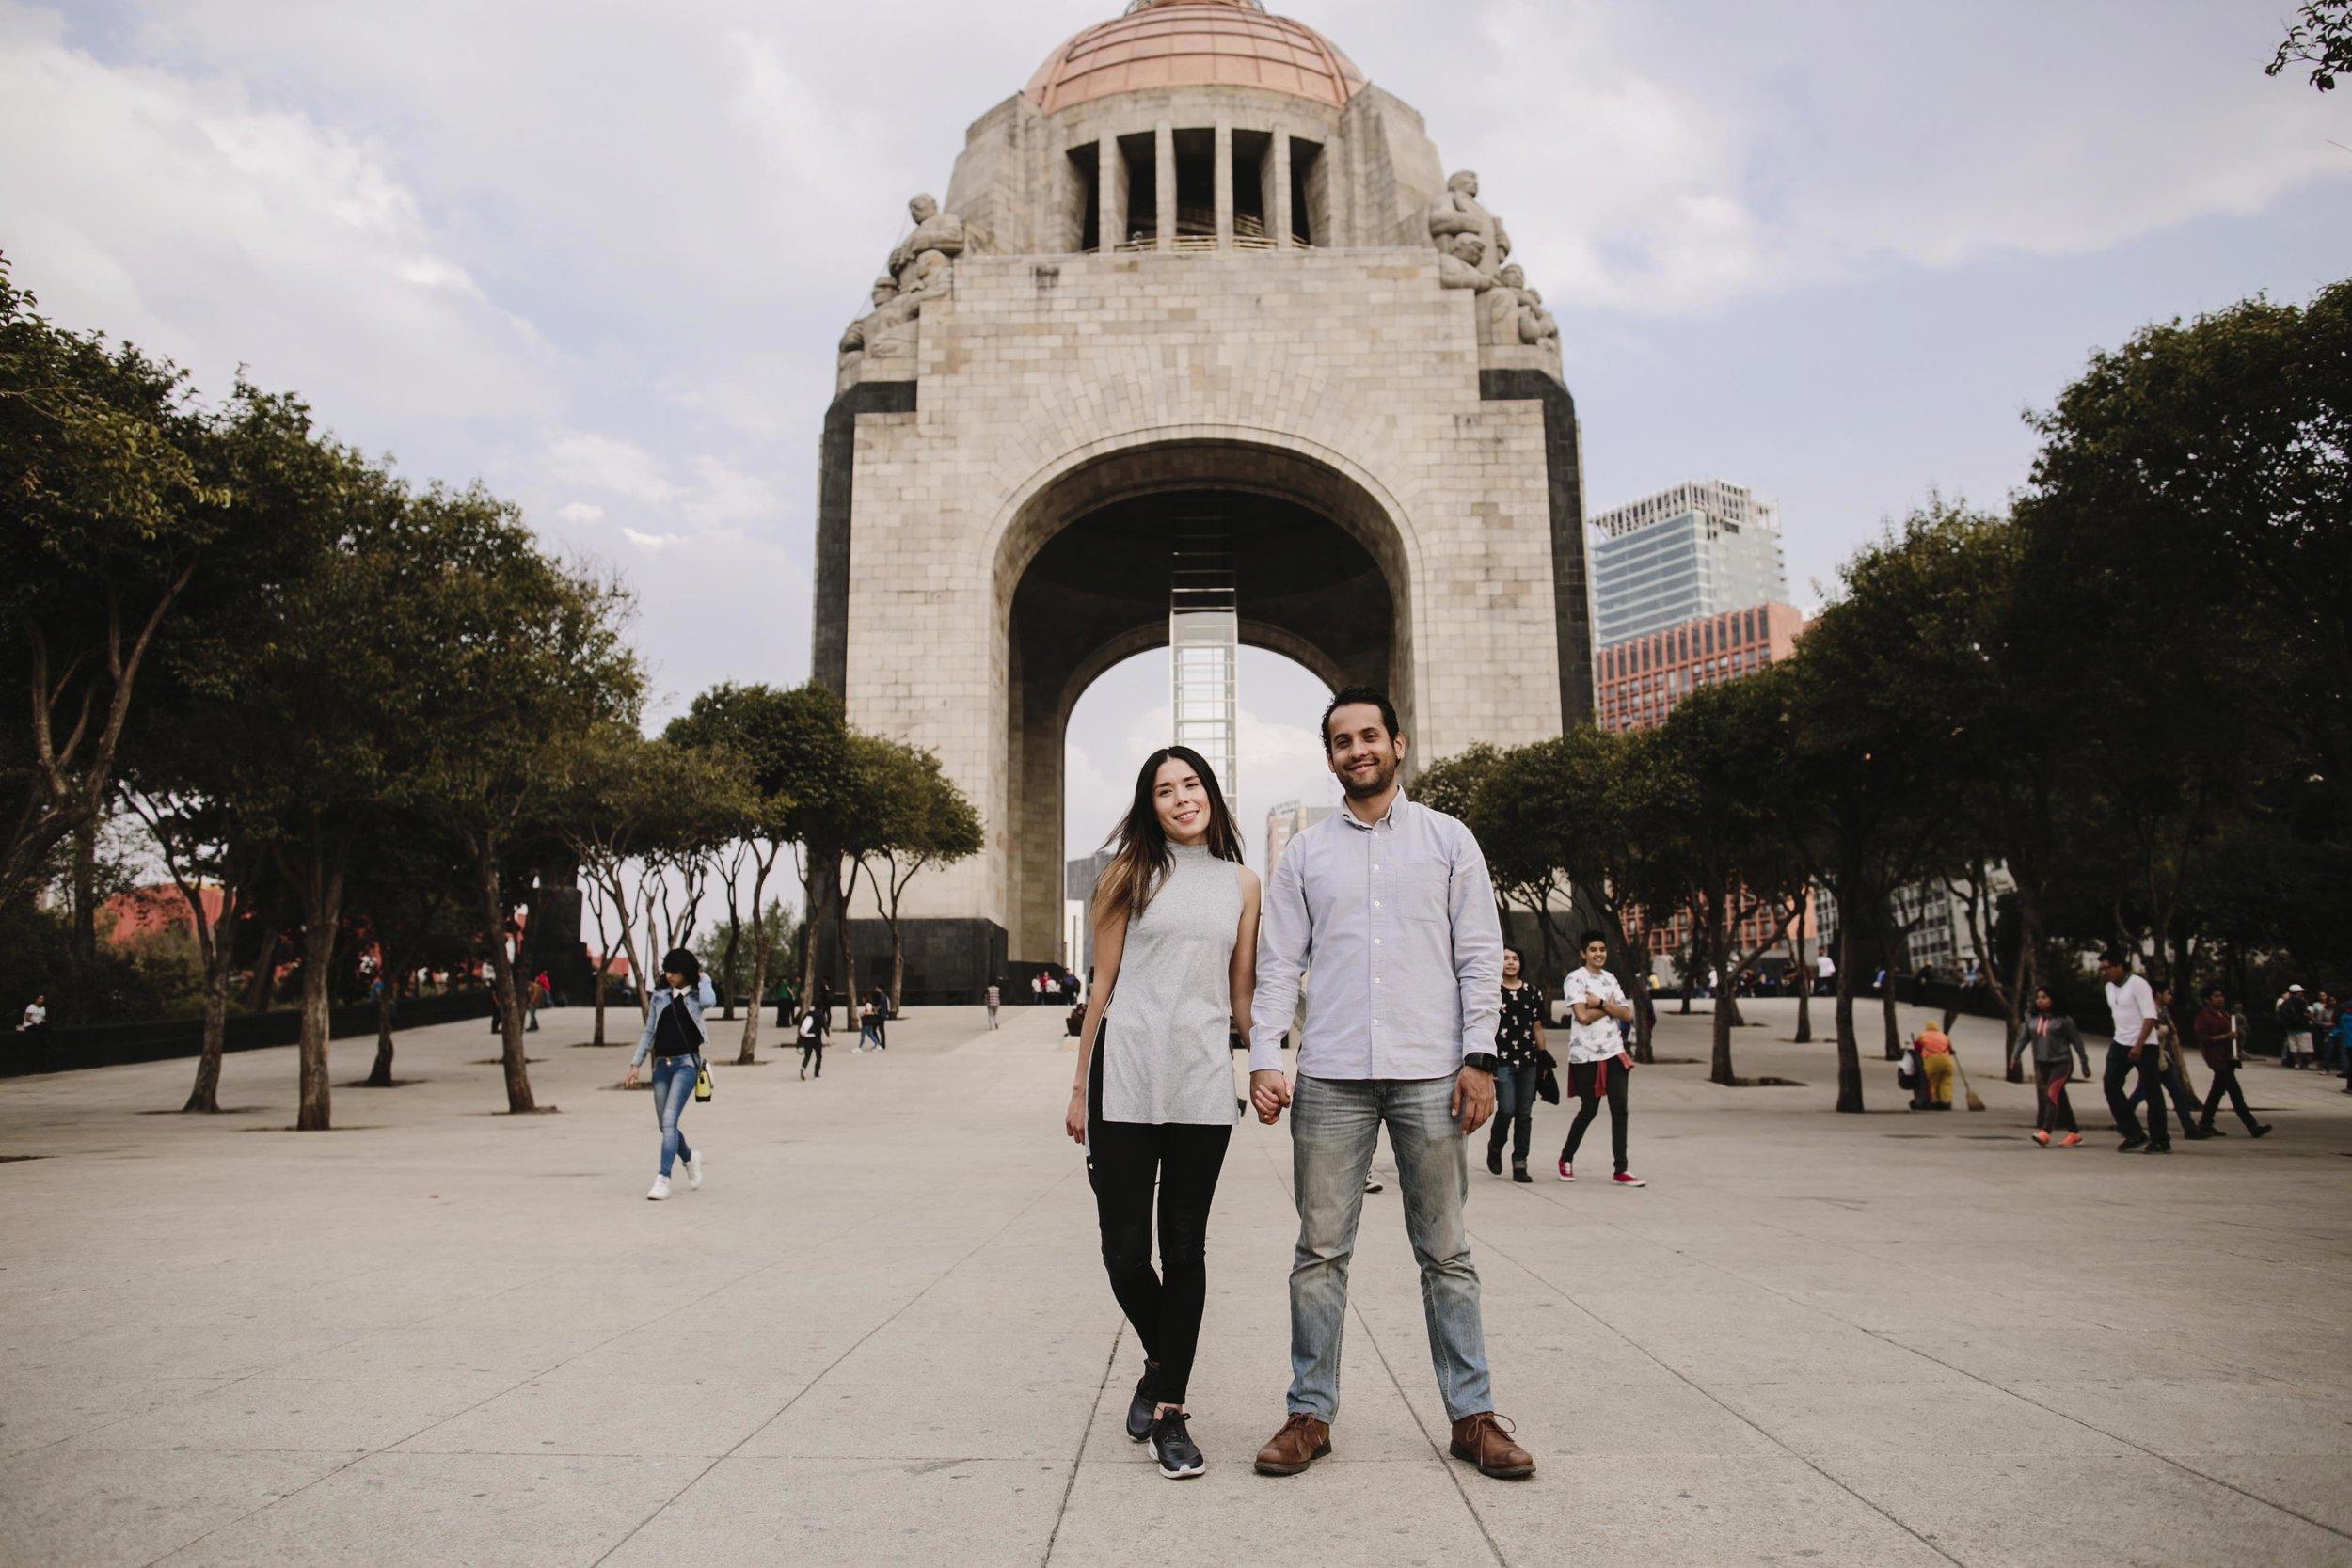 alfonso_flores_destination_wedding_photography_ciudad_de_mexico44.jpg